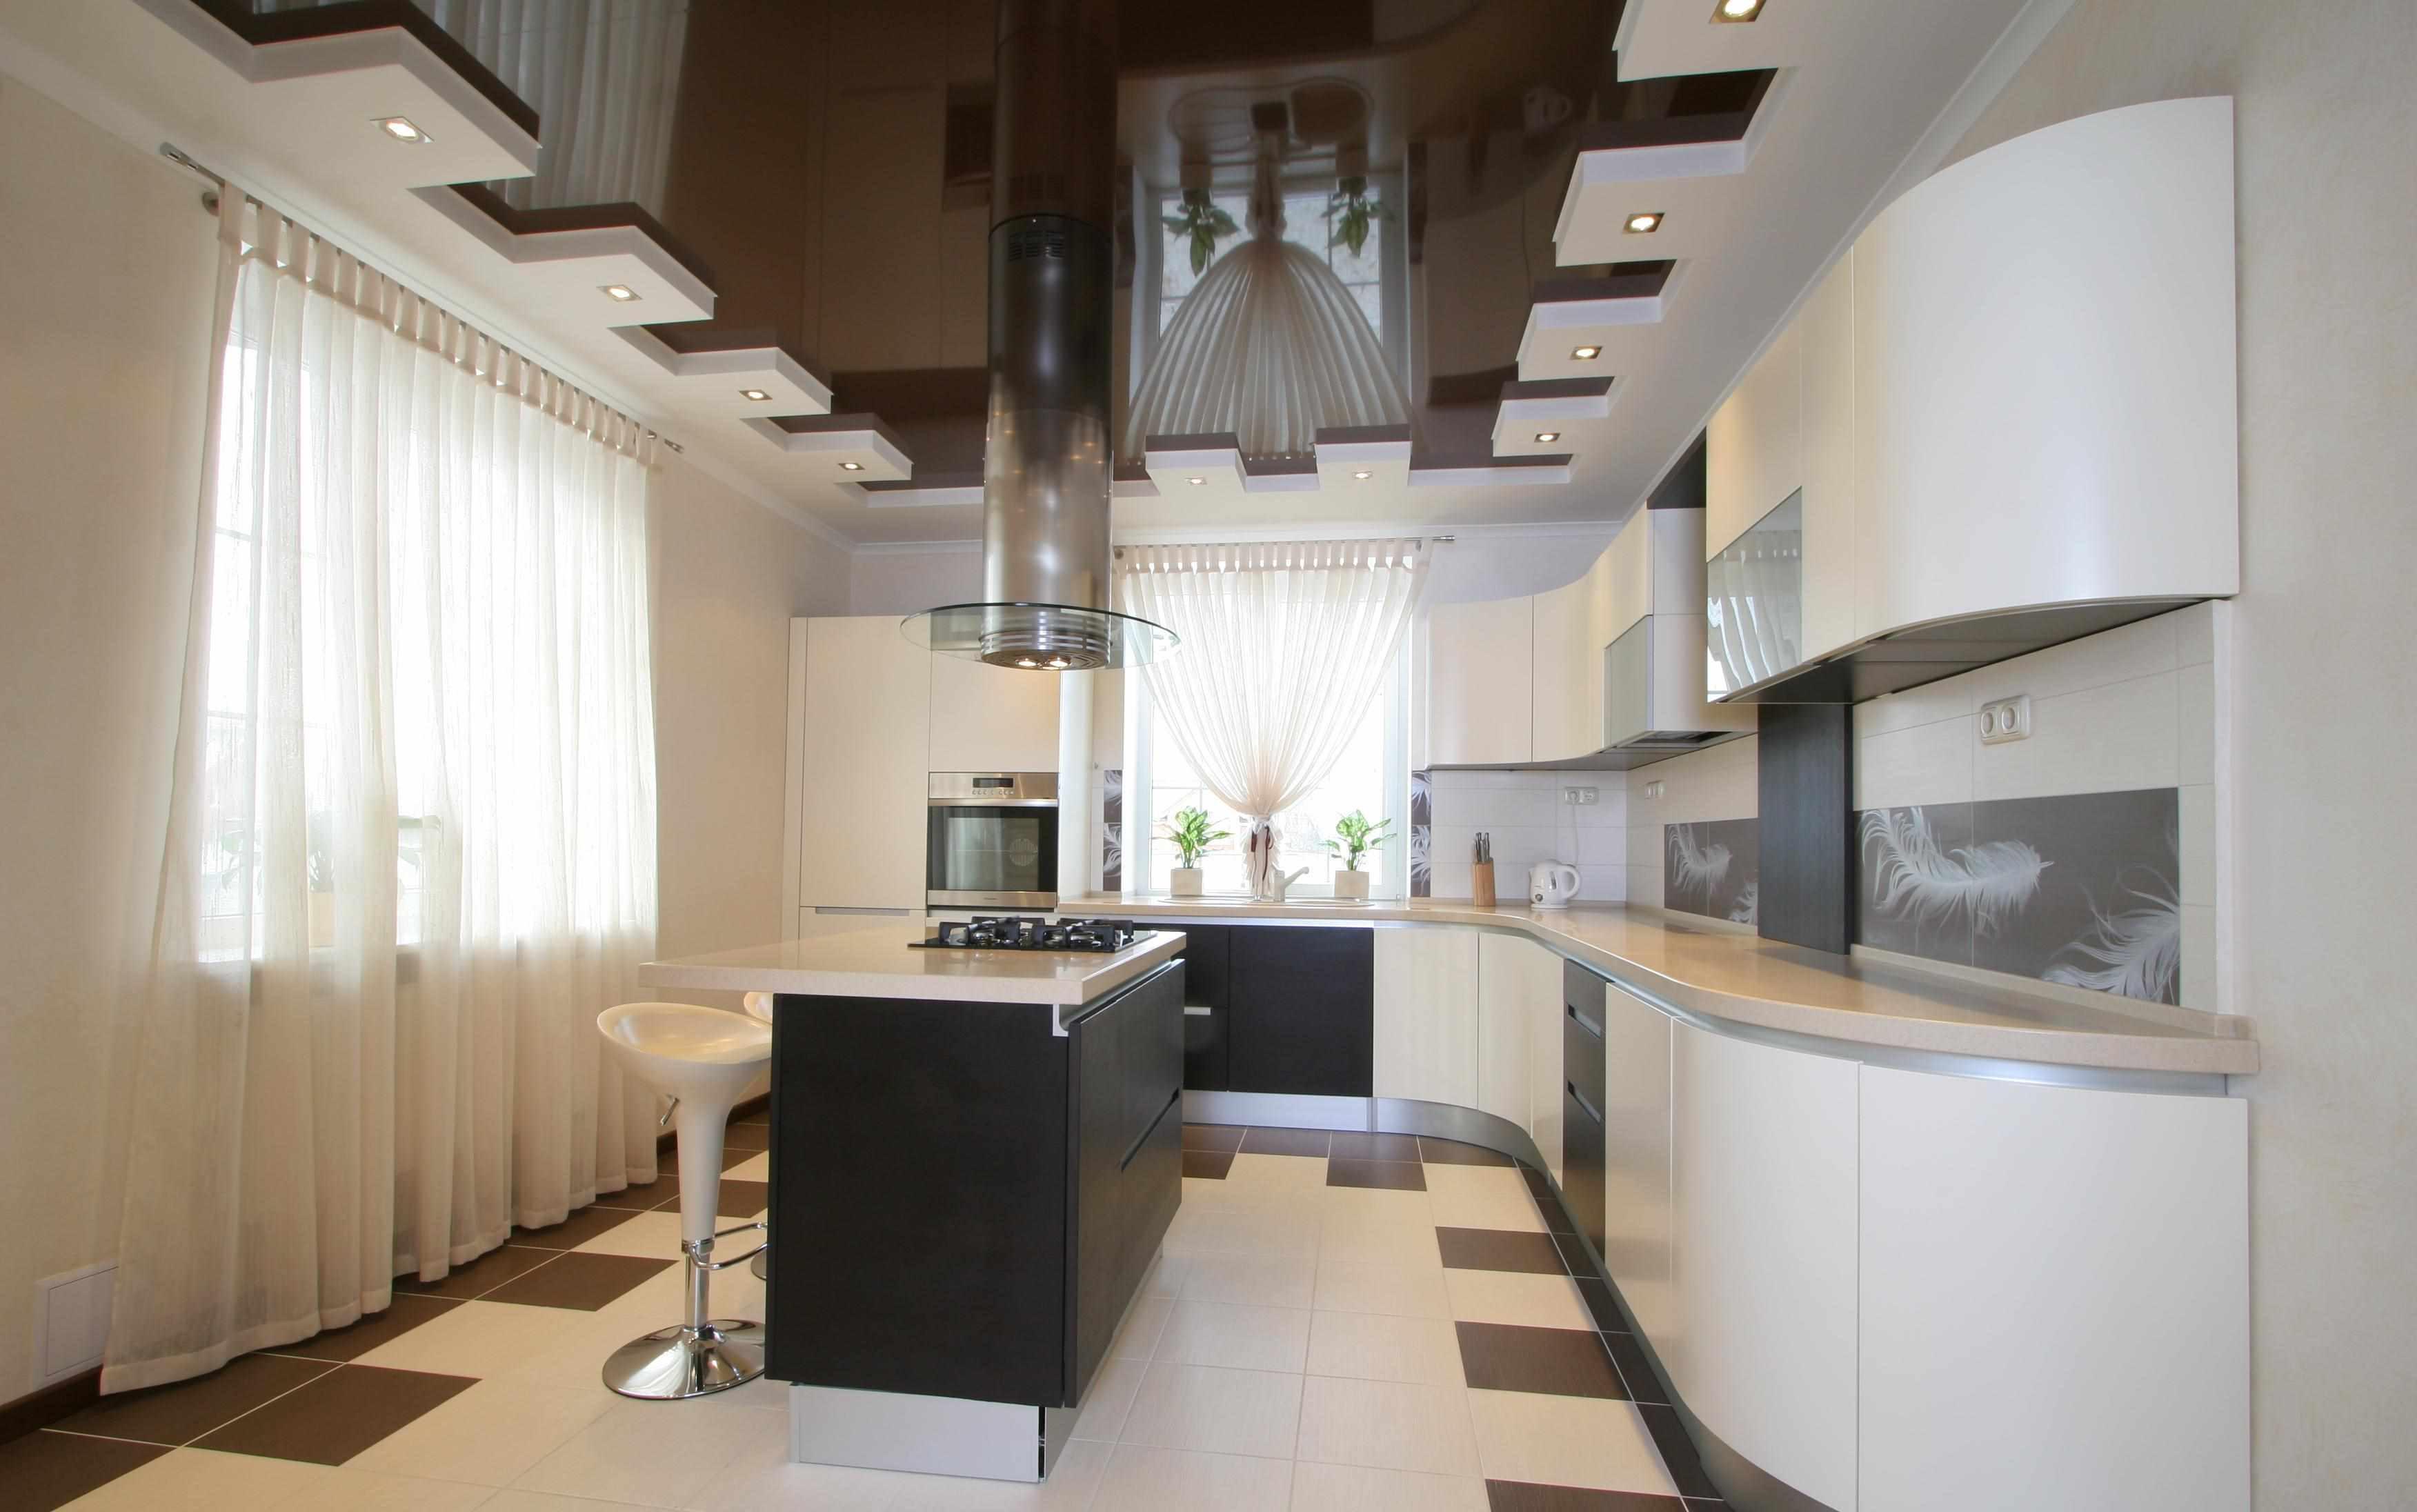 variante du design inhabituel du plafond de la cuisine